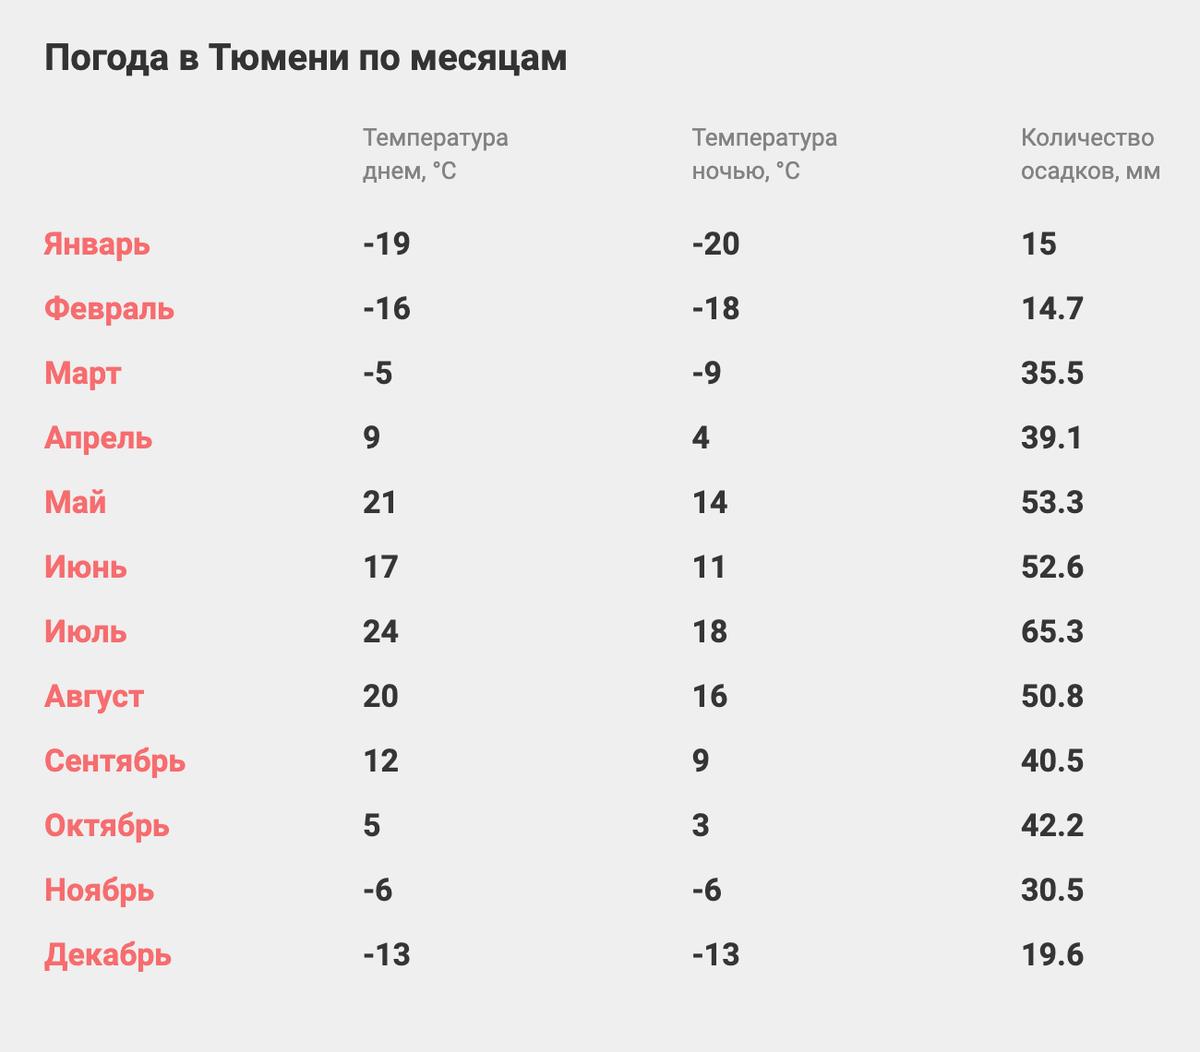 Погода в Тюмени по месяцам. Источник: «Туристер»